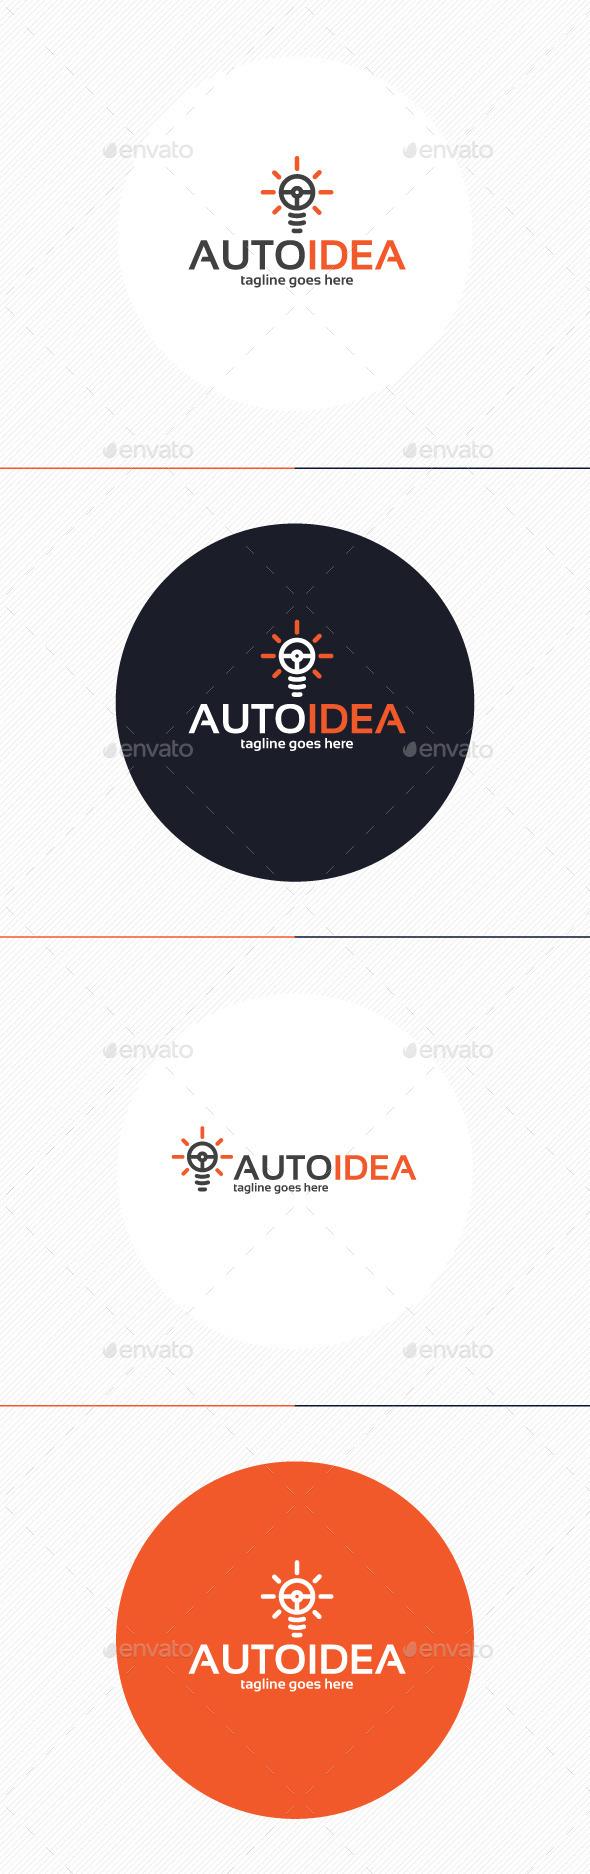 GraphicRiver Auto Idea Logo 9862033